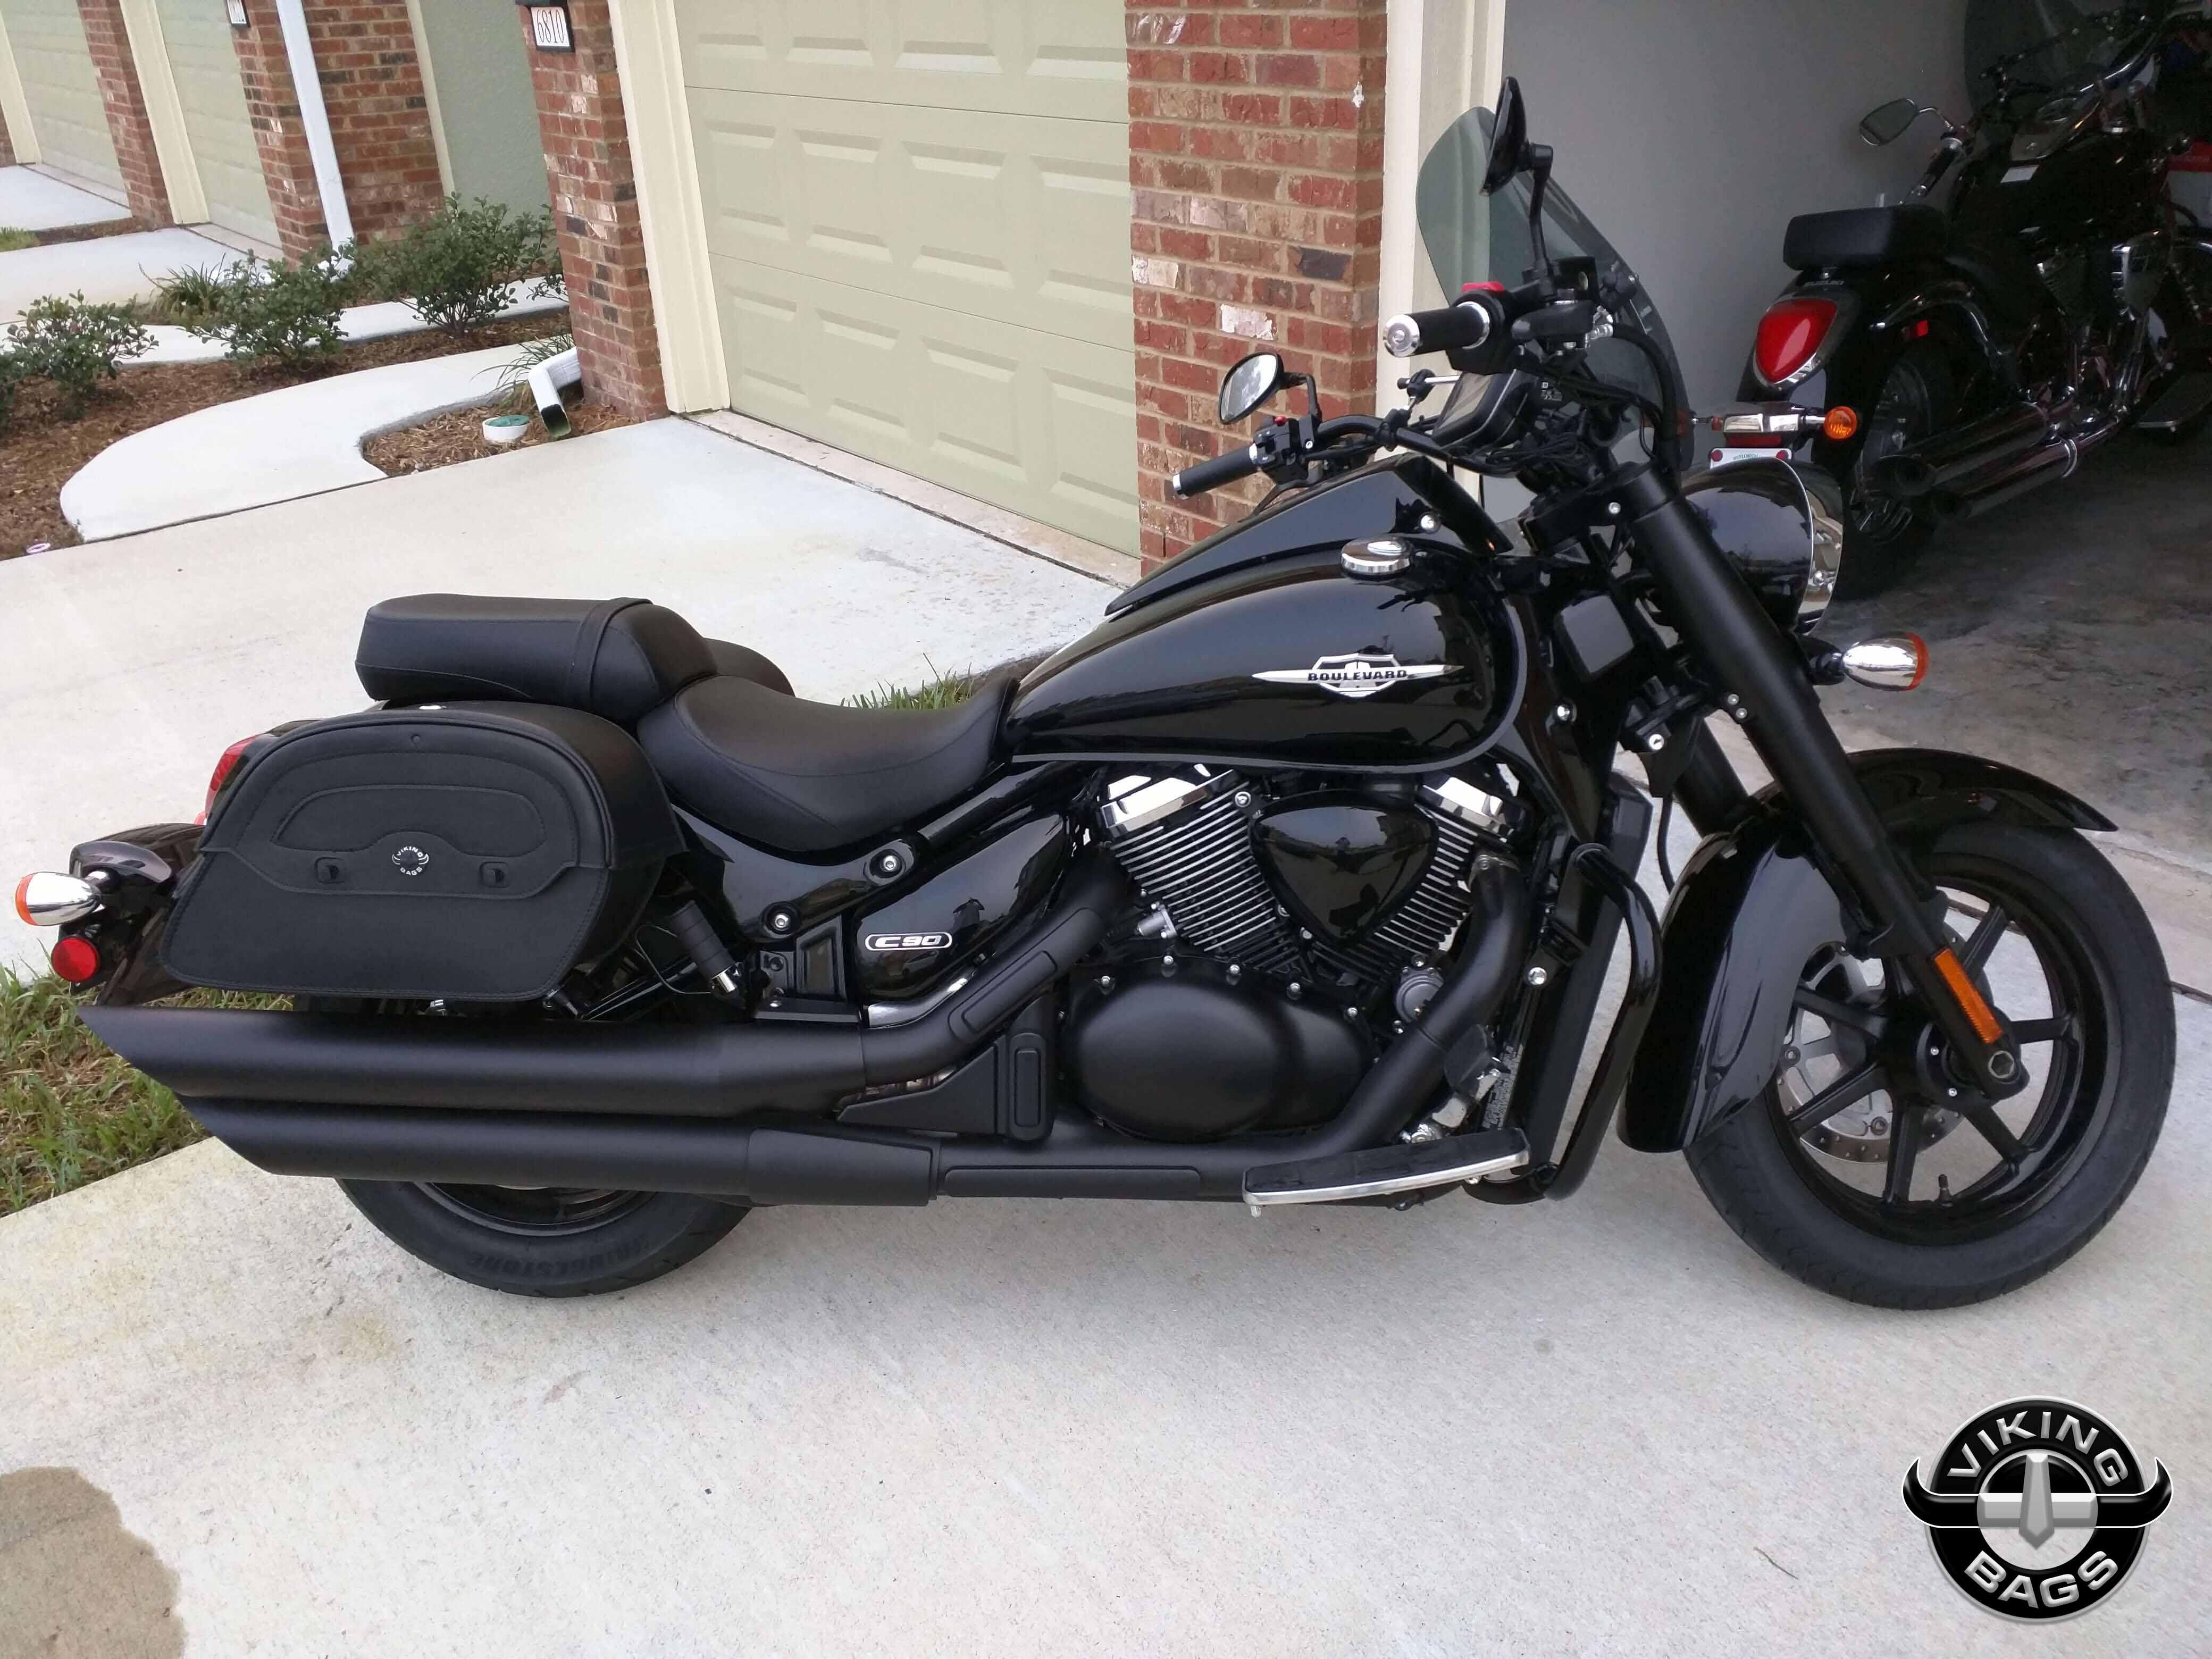 Suzuki Boulevard C90 Warrior large Leather Saddlebags - Motorcycle